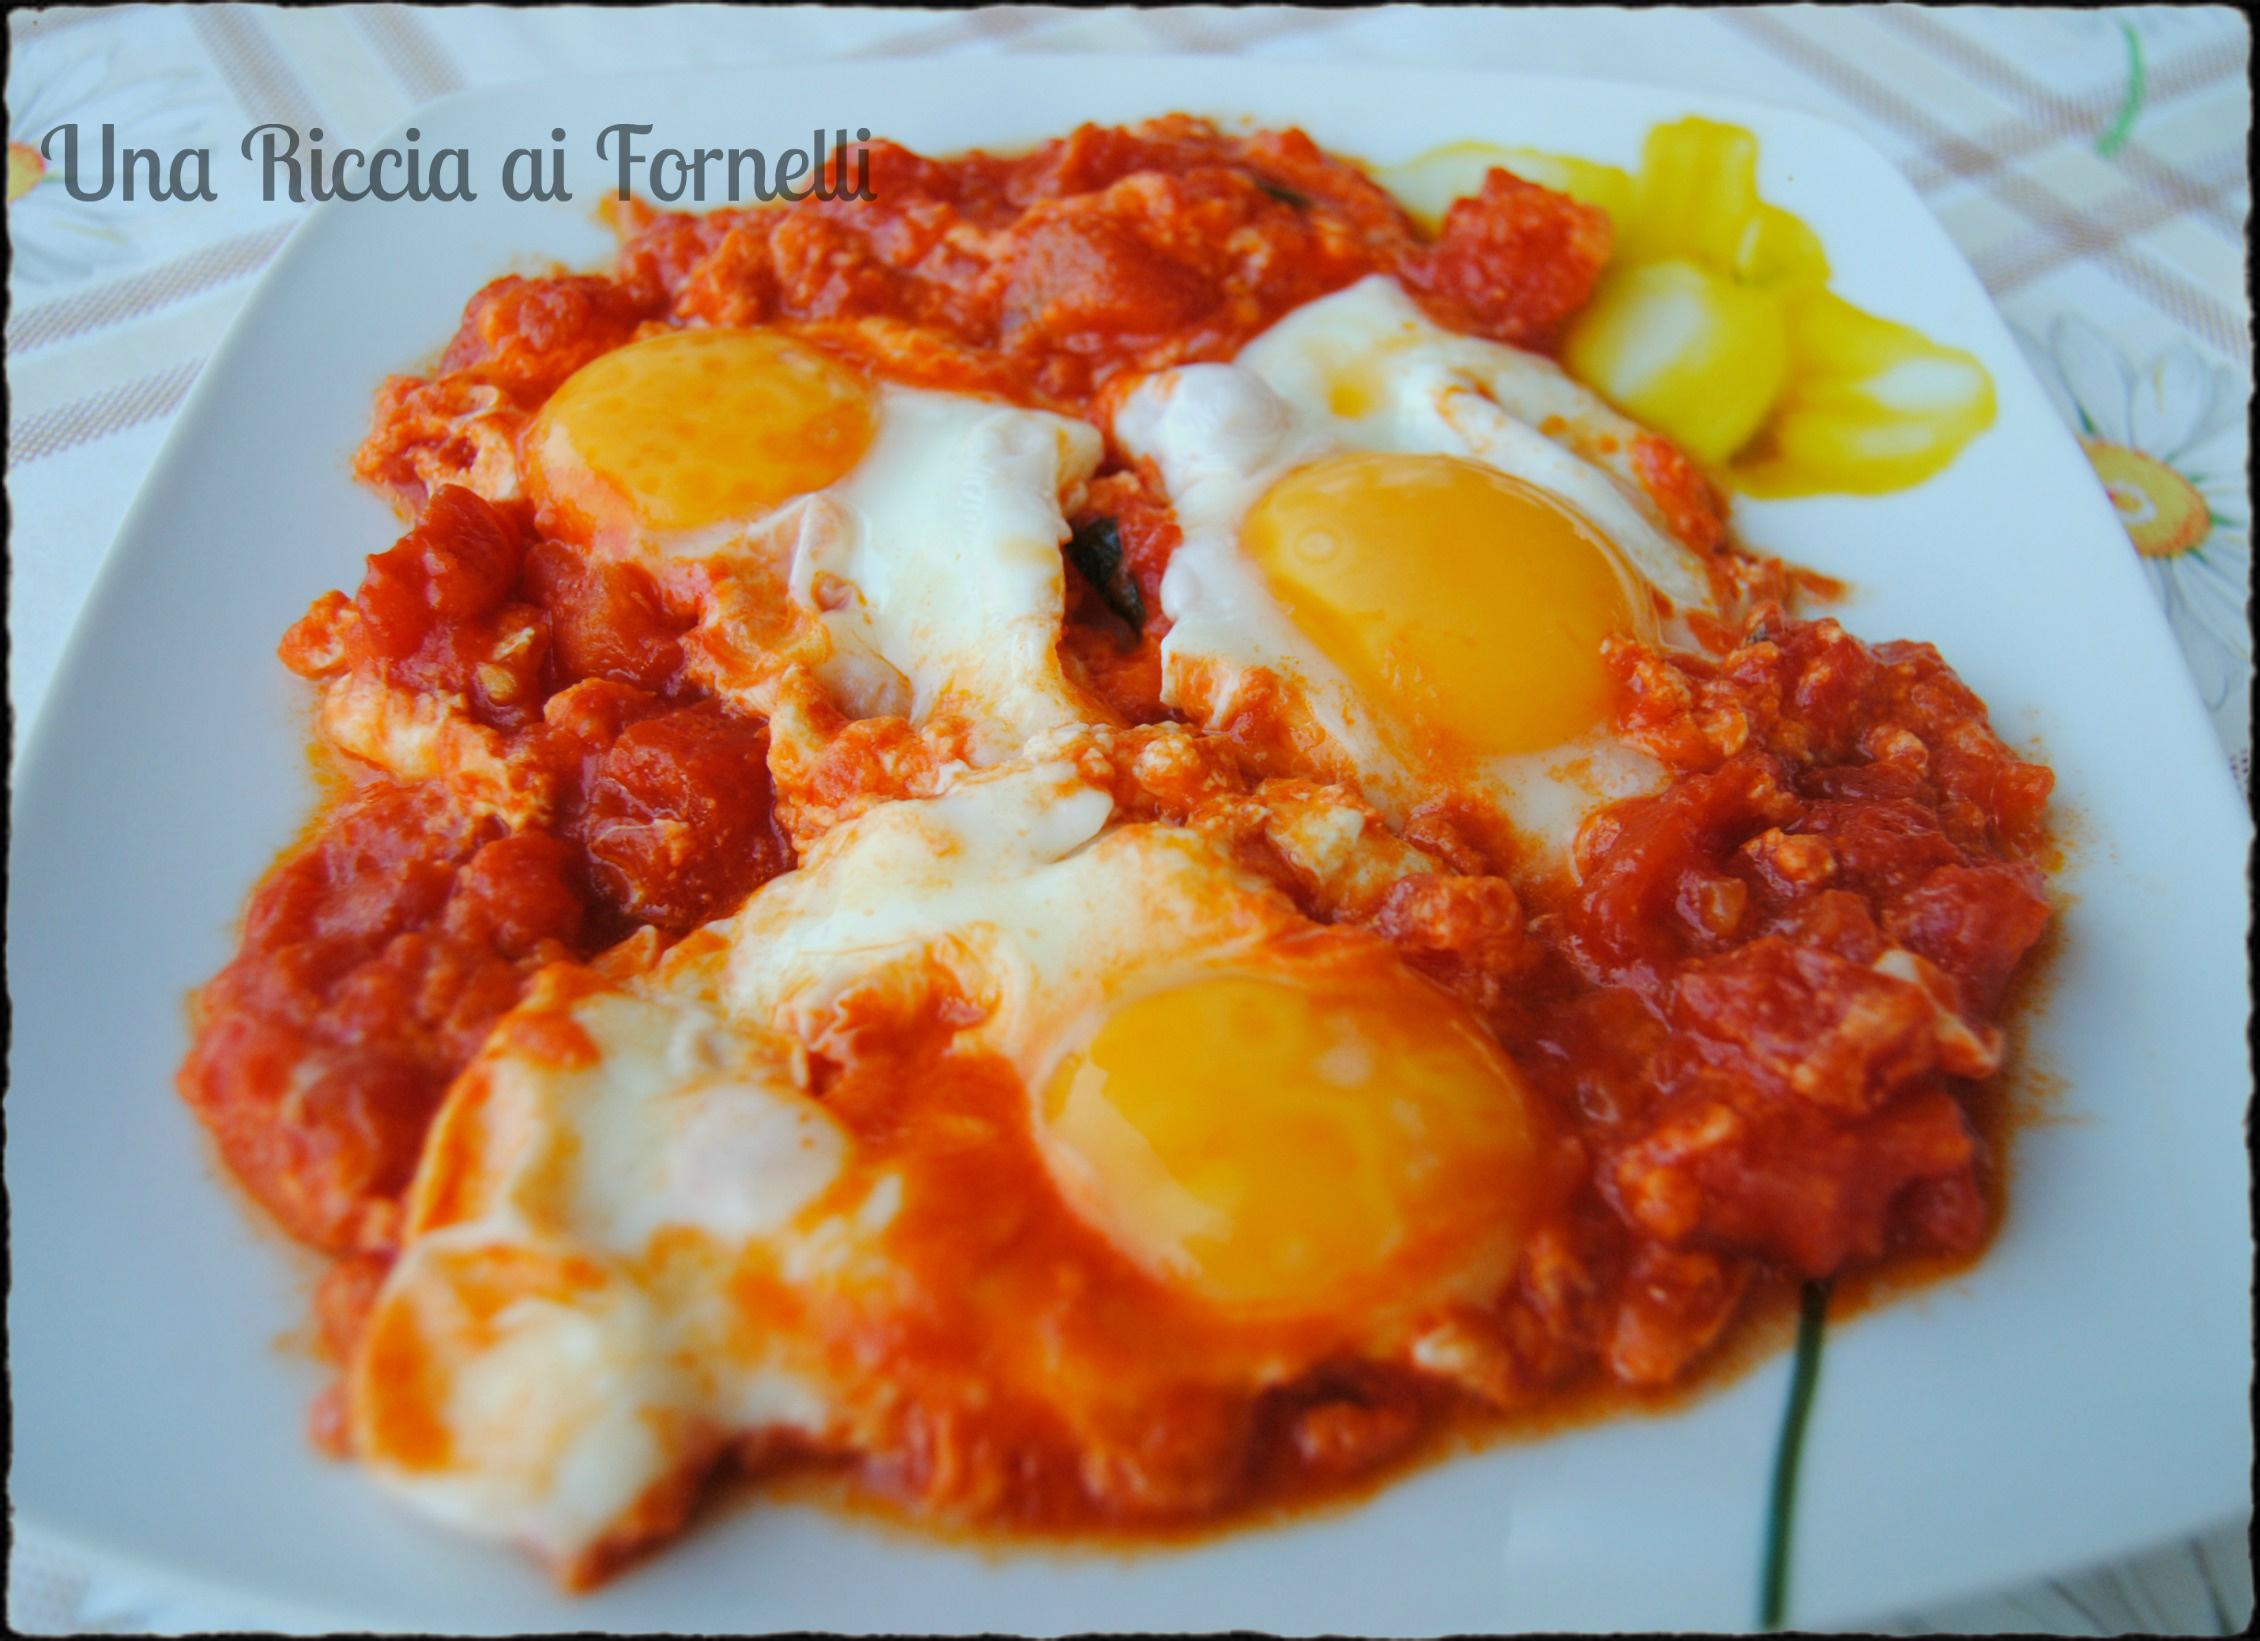 Ricetta Uova Con Pomodoro.Uova Al Pomodoro Ricetta Classica Una Riccia Ai Fornelli